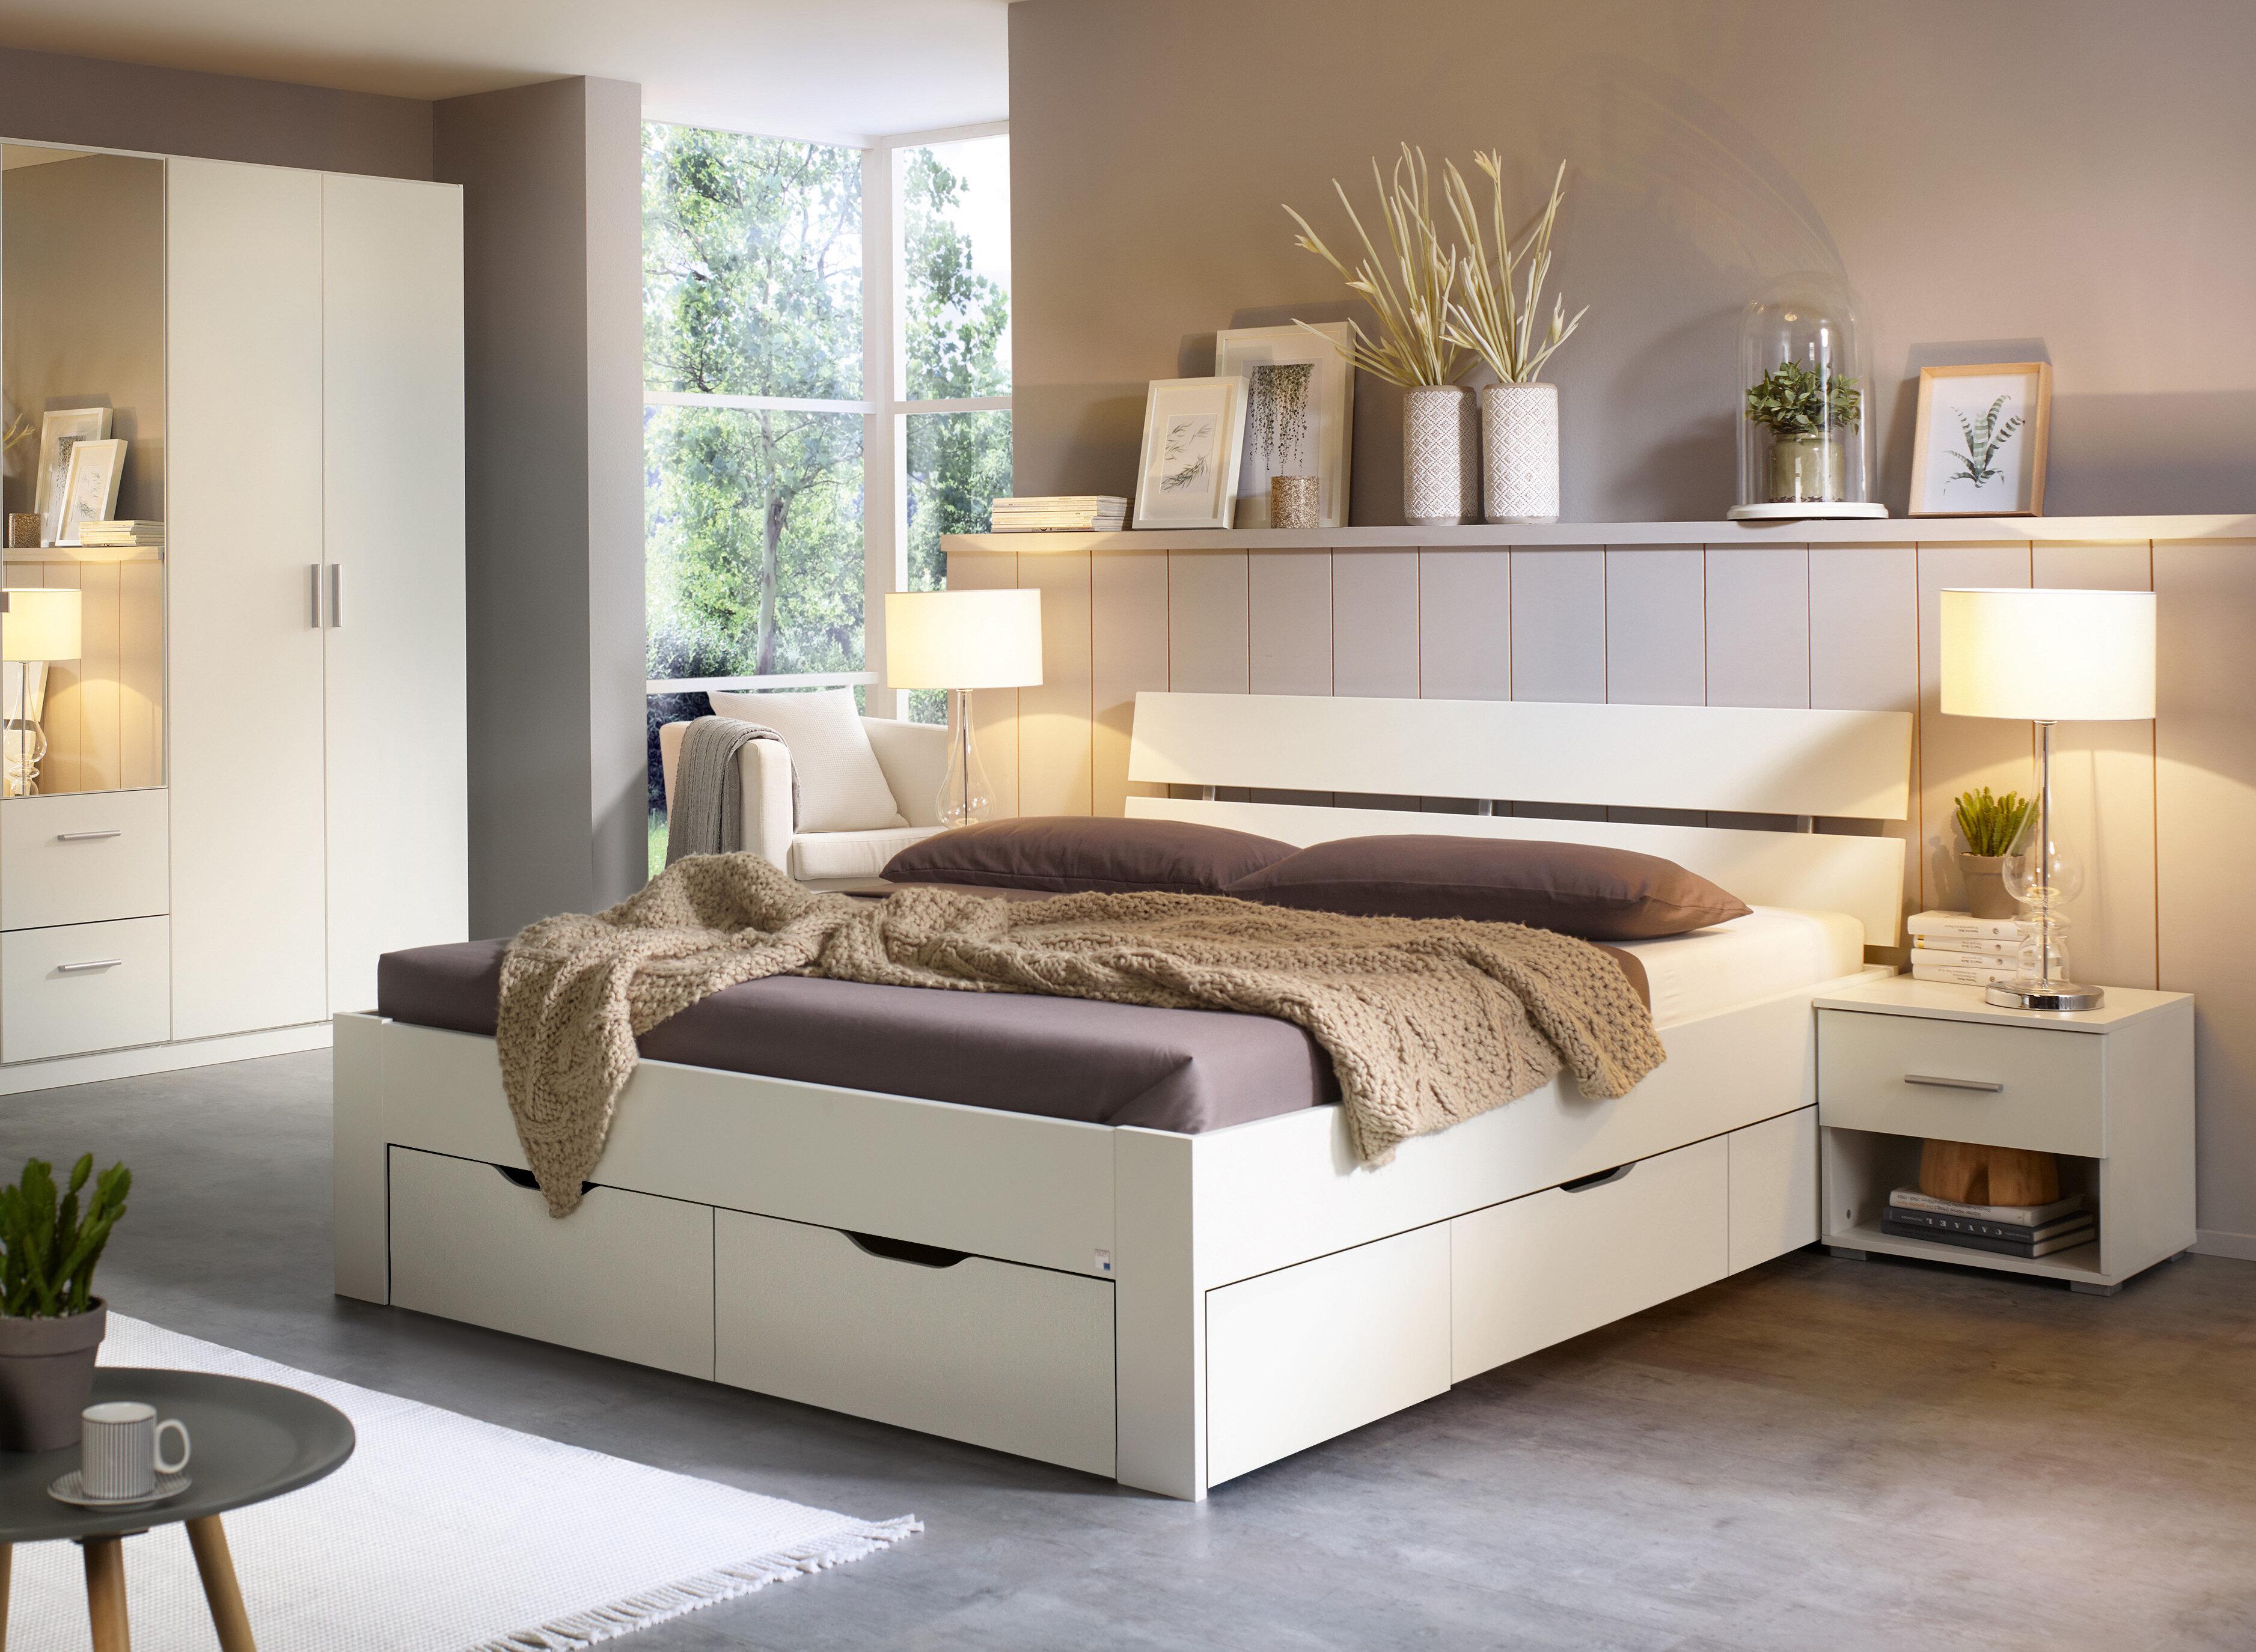 2-tlg. Schlafzimmer-Set Ryba, 180 x 200 cm